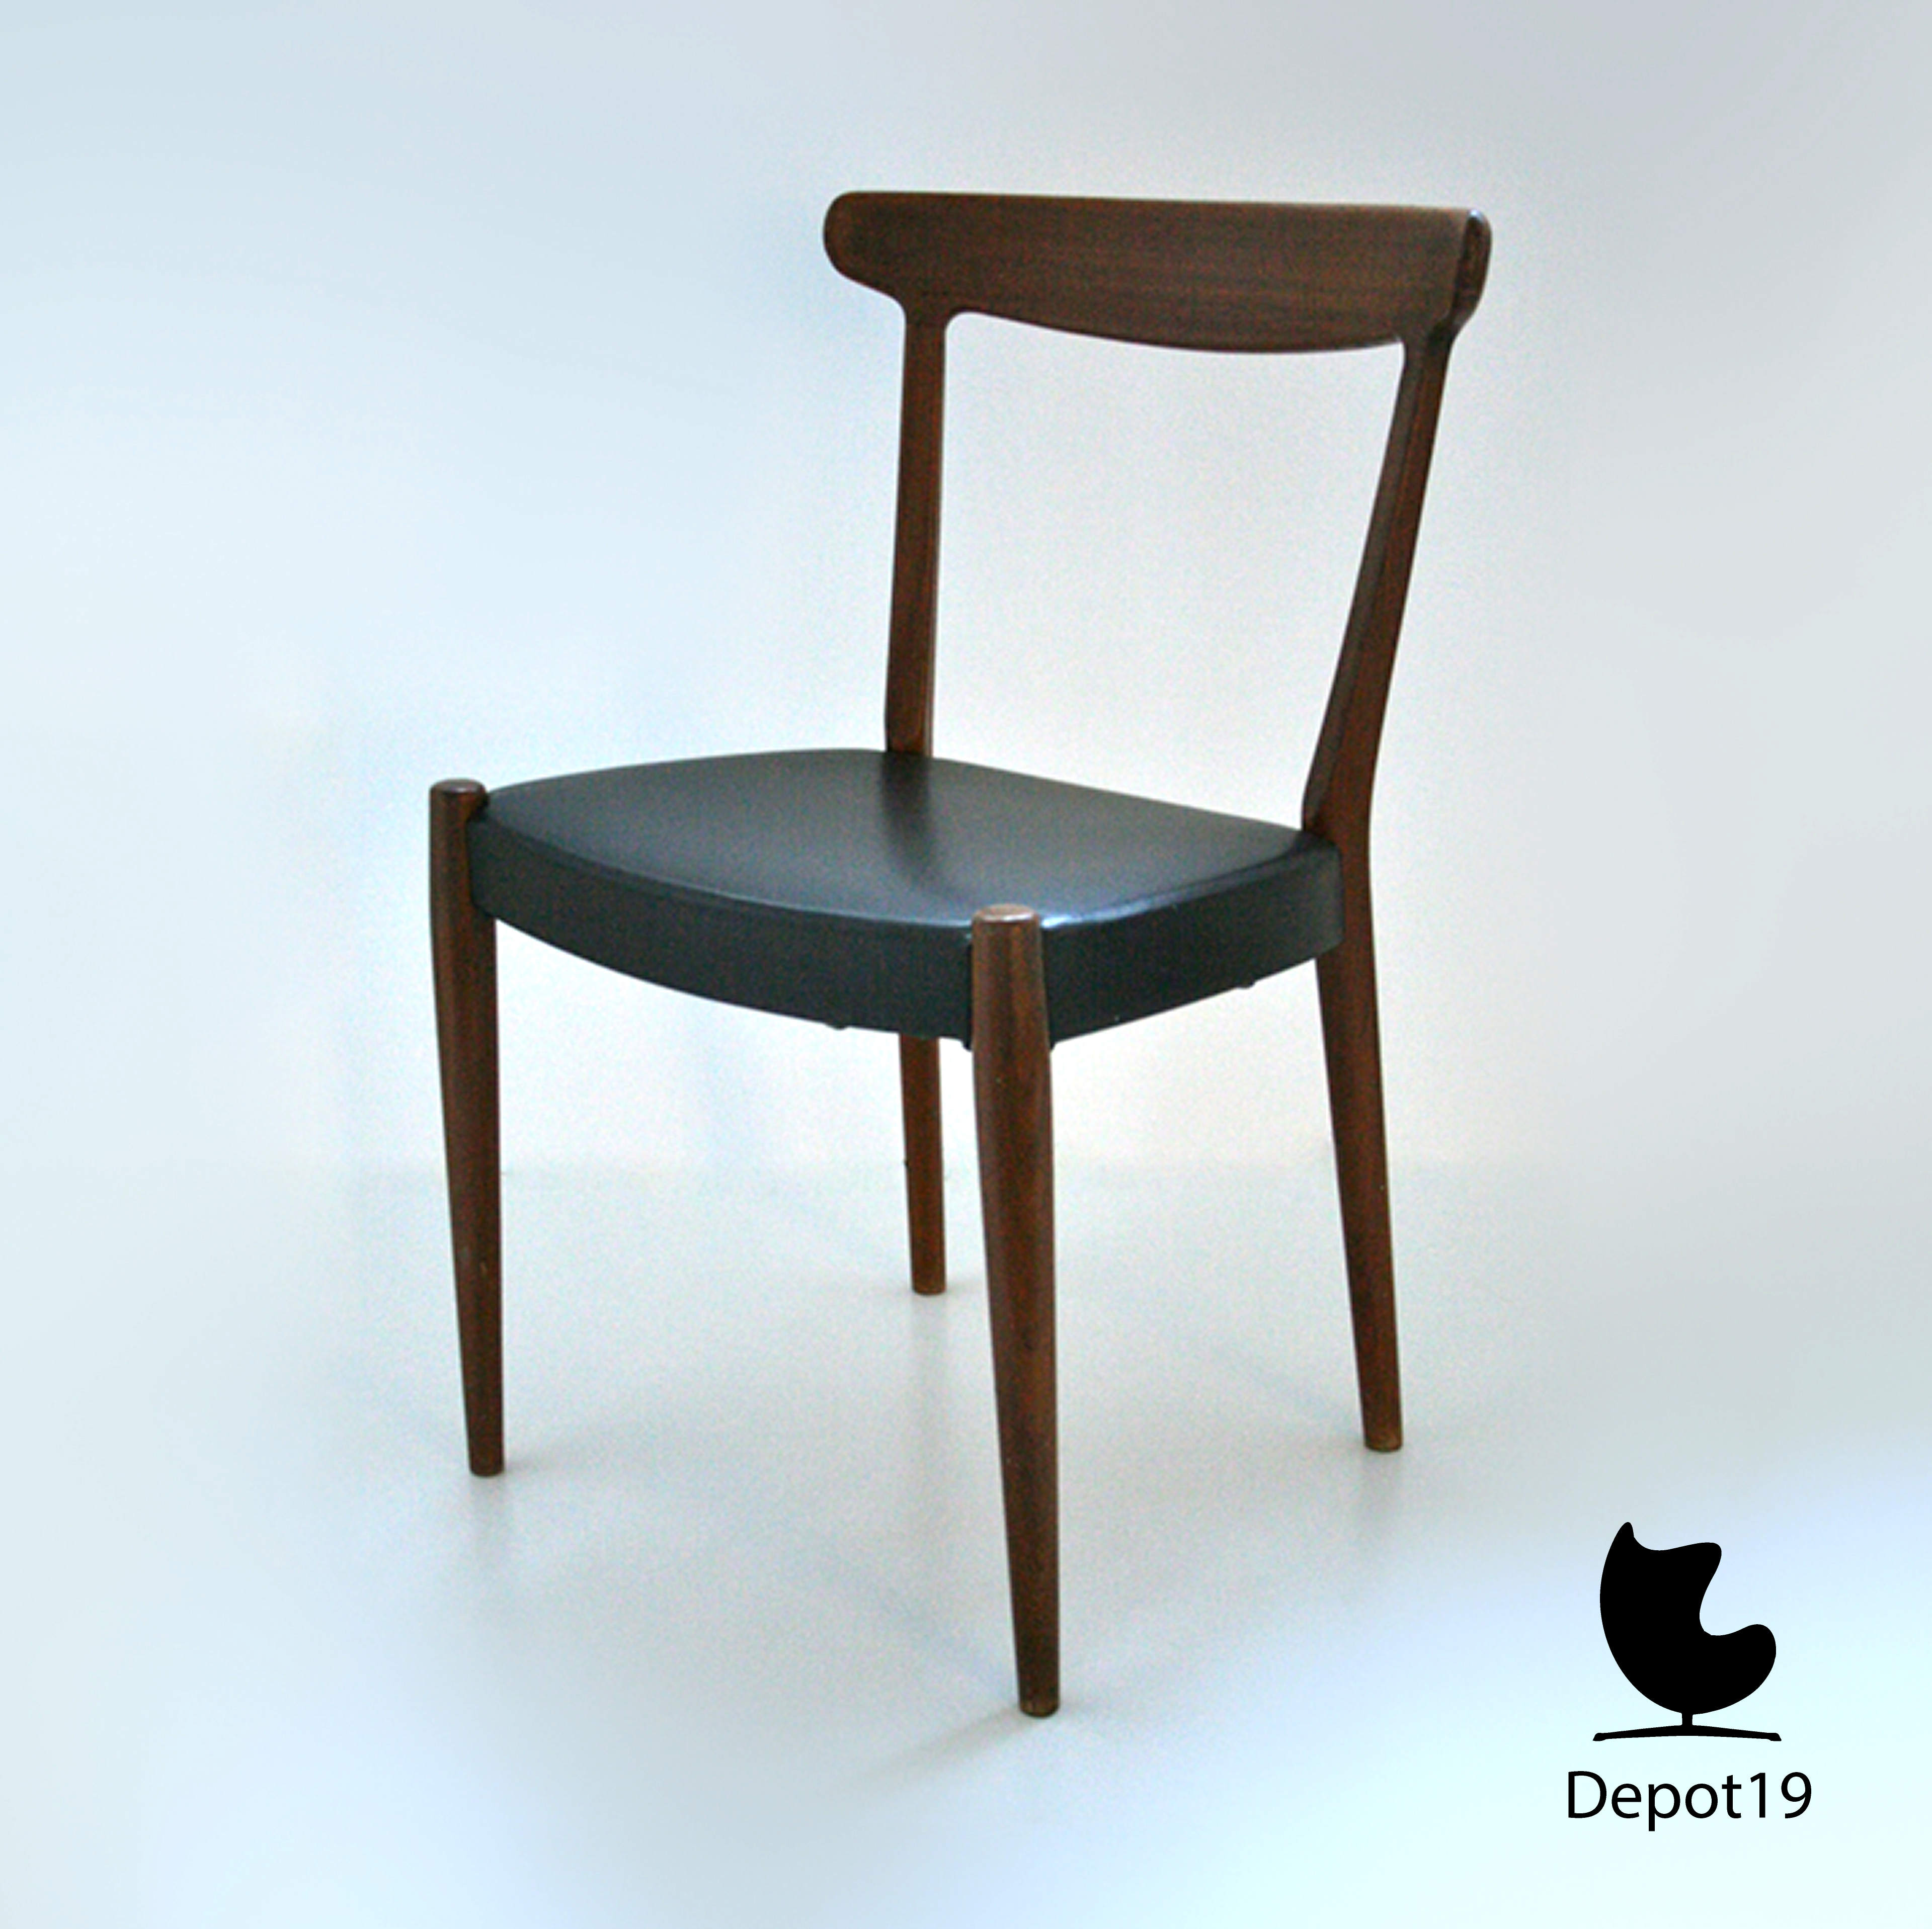 Hans wegner stijl w2 skaraborgs tibro zweden stoel depot 19 - Stoel nieuwe kunst ...